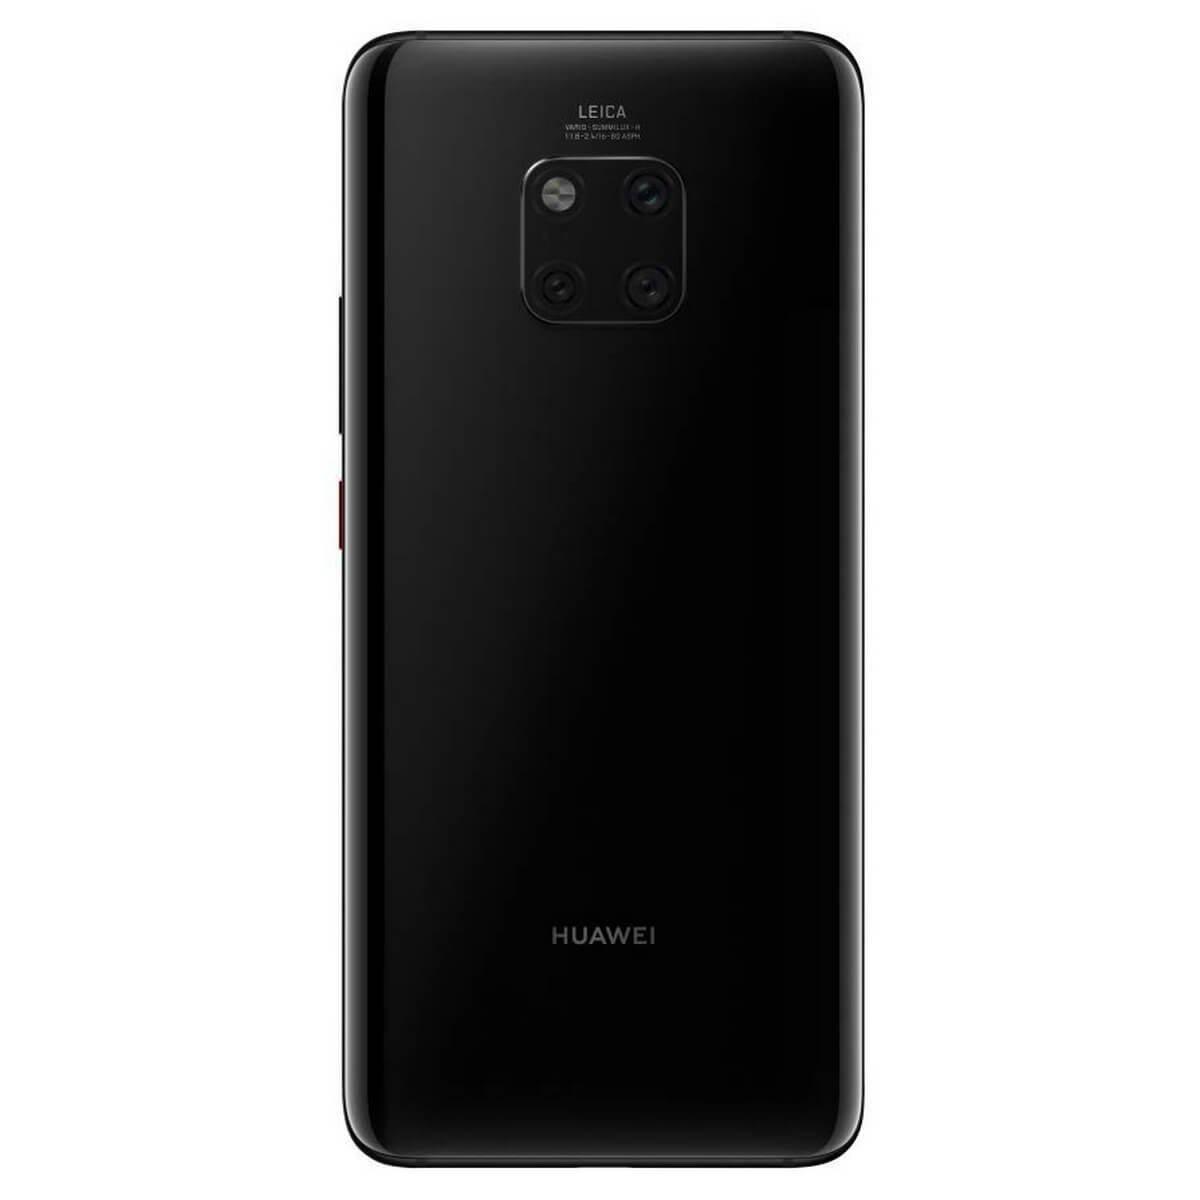 """รูป cp pwb000245478 4 ประกอบเนื้อหา HUAWEI Mate 20 Pro ได้รับรางวัล """"สมาร์ทโฟนยอดเยี่ยม"""" จากงาน Mobile World Congress 2019"""